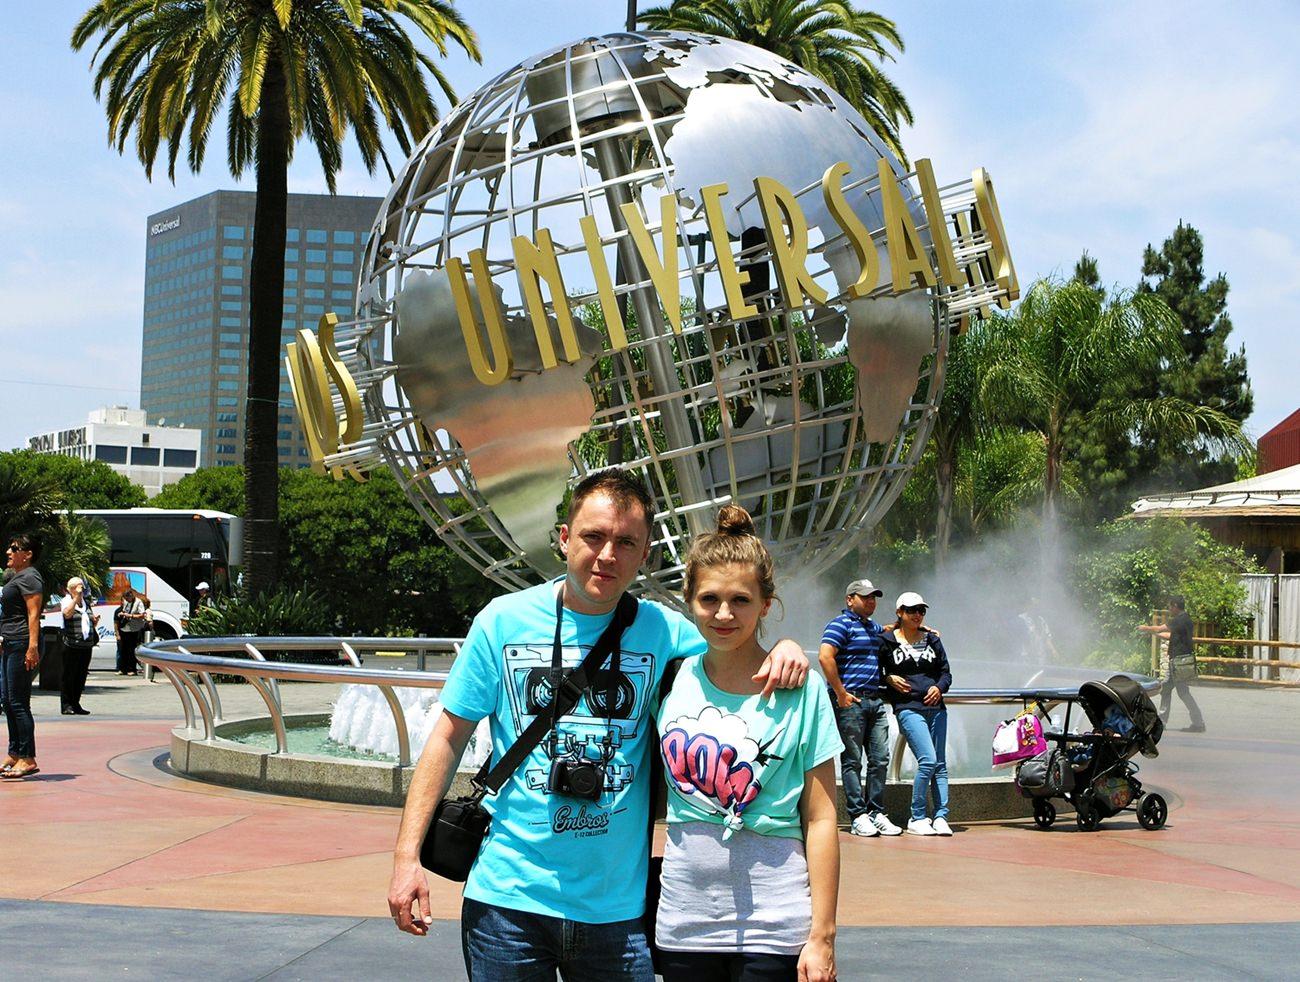 Los Angeles parki rozrywki